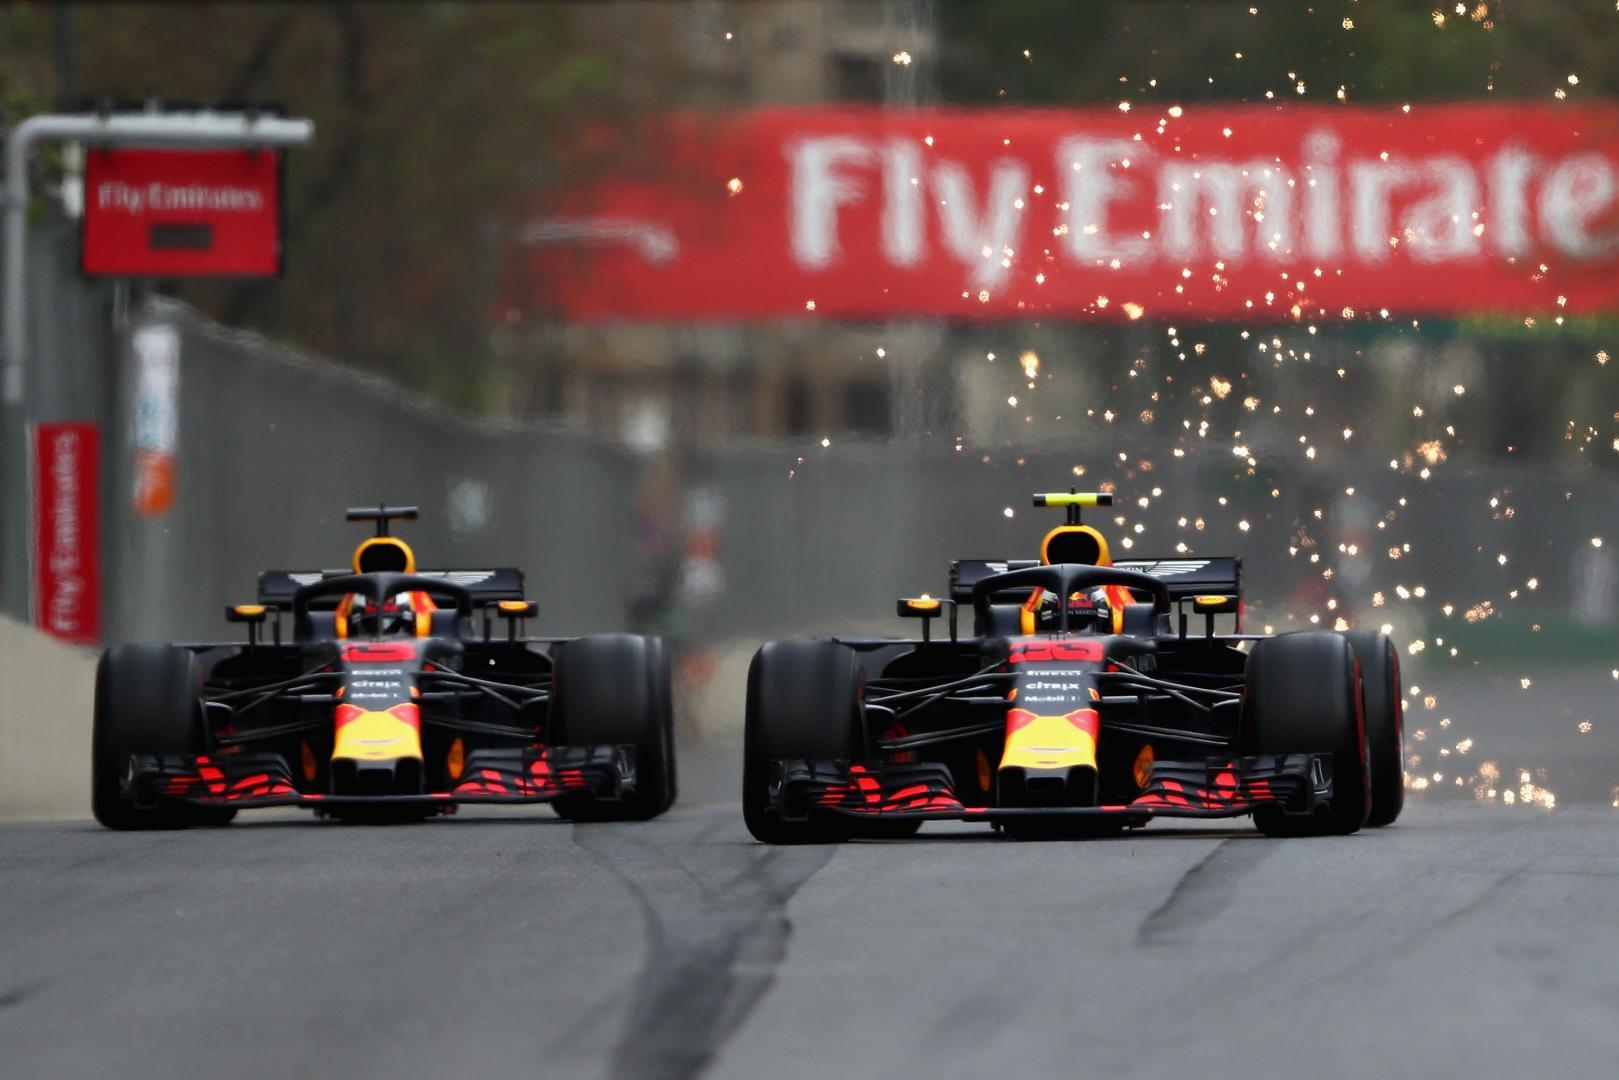 Uitslag van de GP van Azerbeidzjan 2018